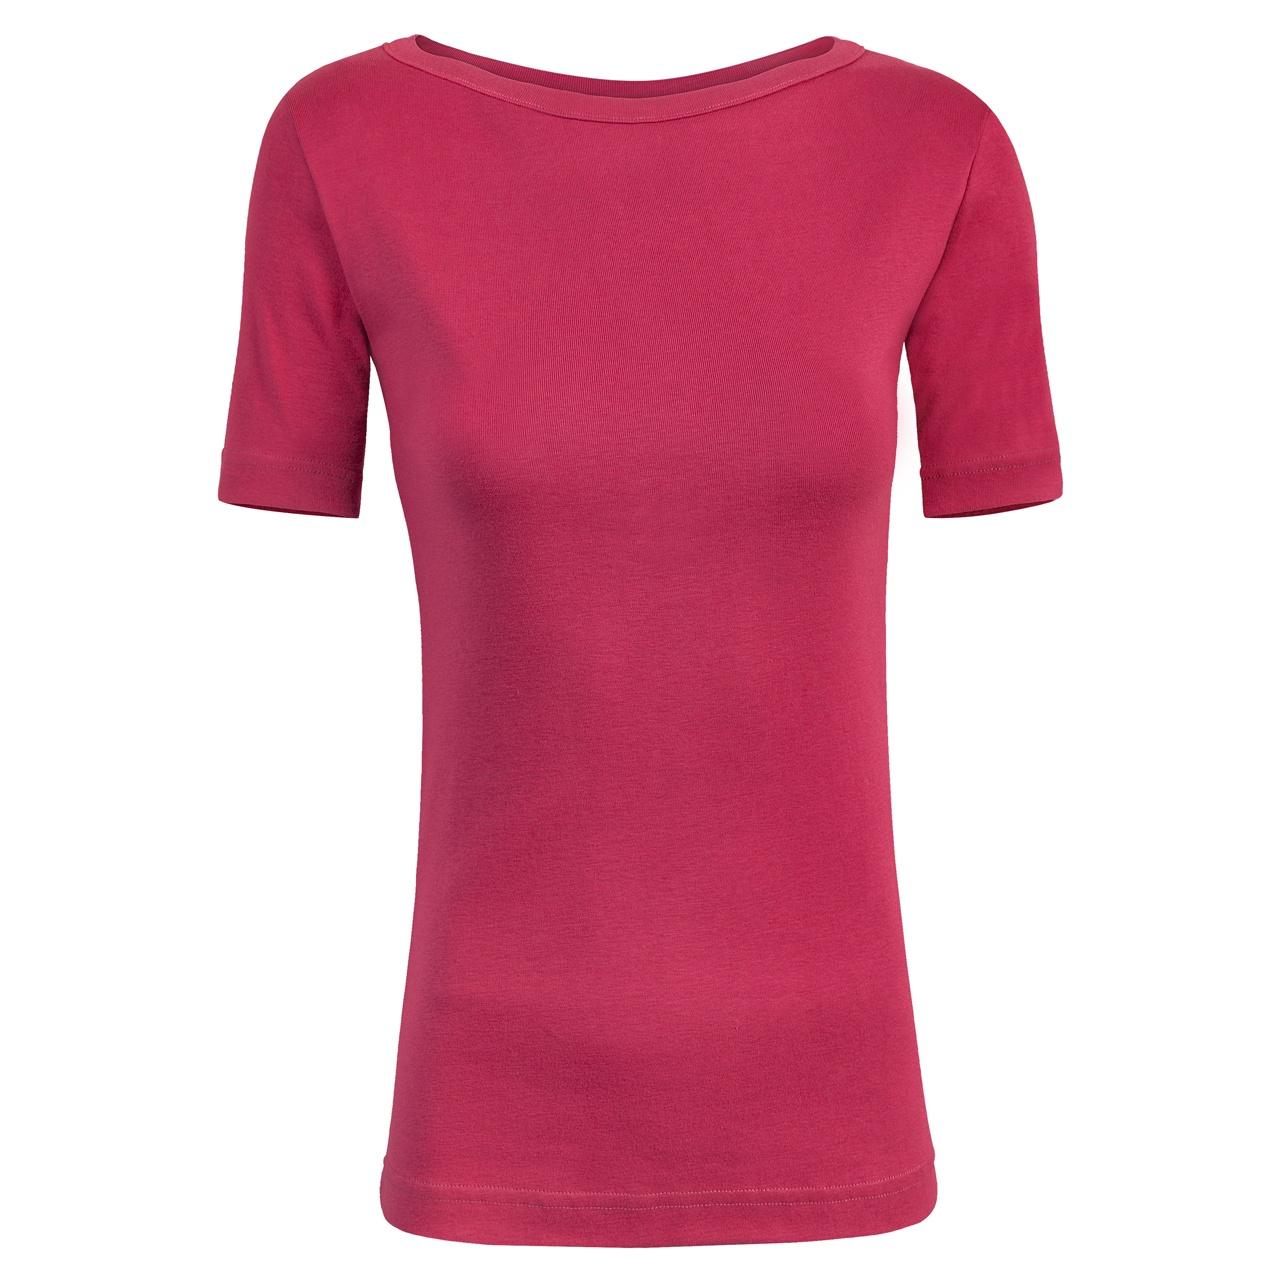 تی شرت نه ساروک مدل TZYGHF03 رنگ صورتی